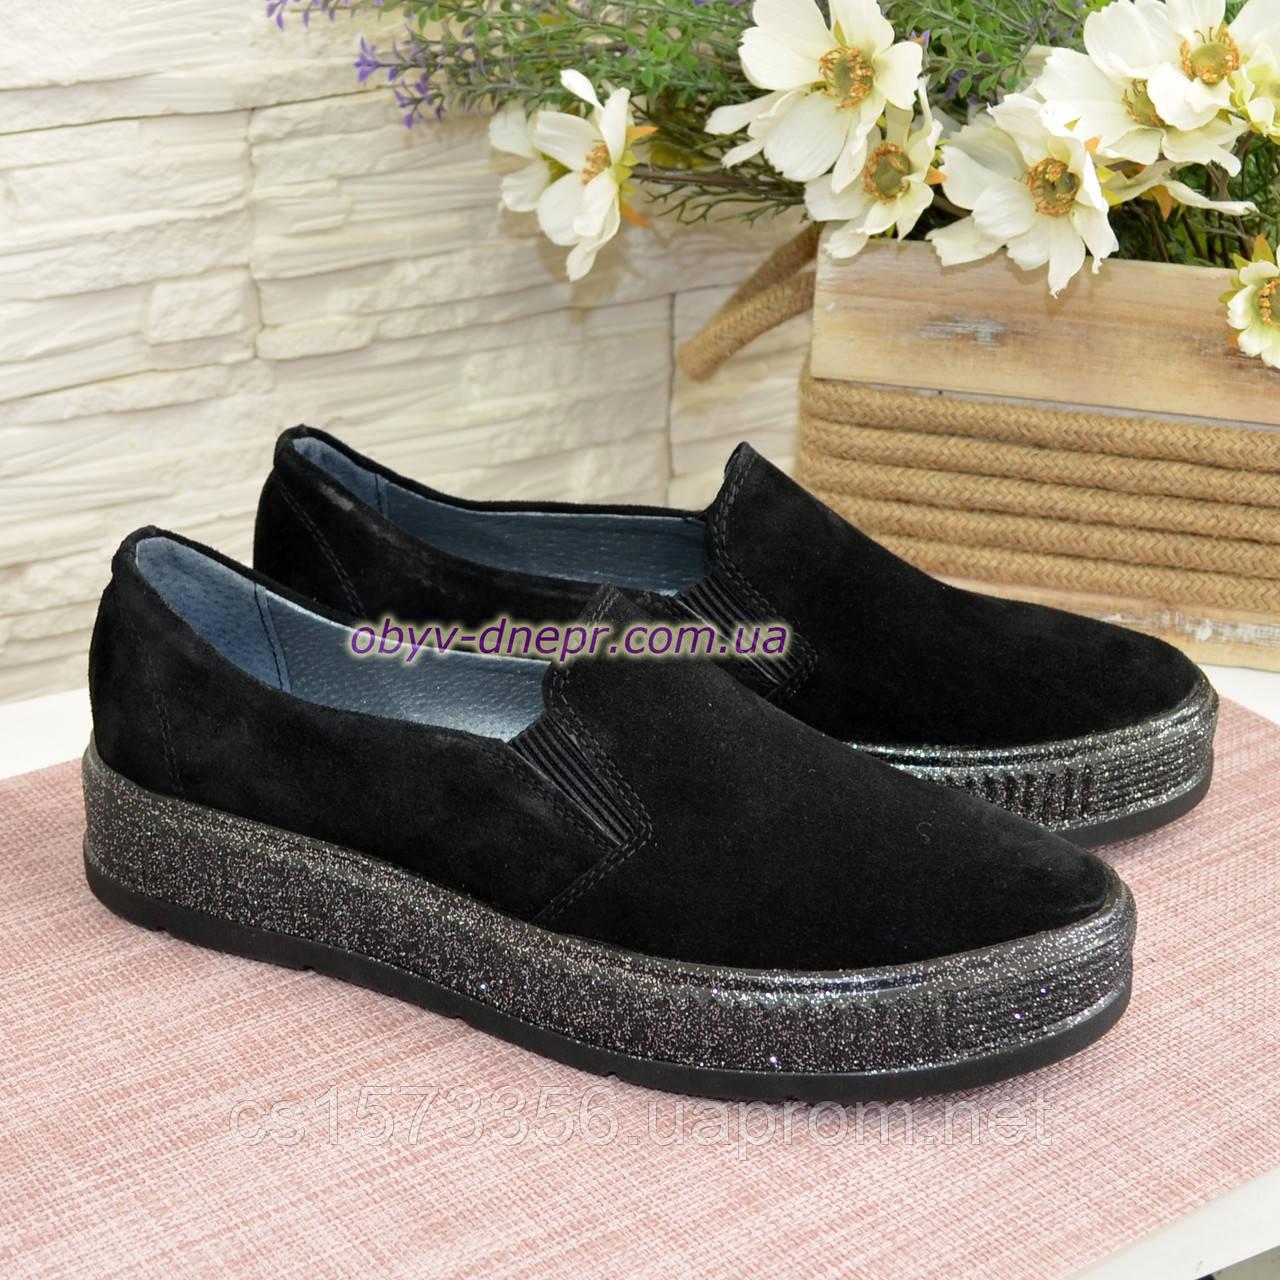 Туфли женские замшевые на утолщенной подошве, цвет черный